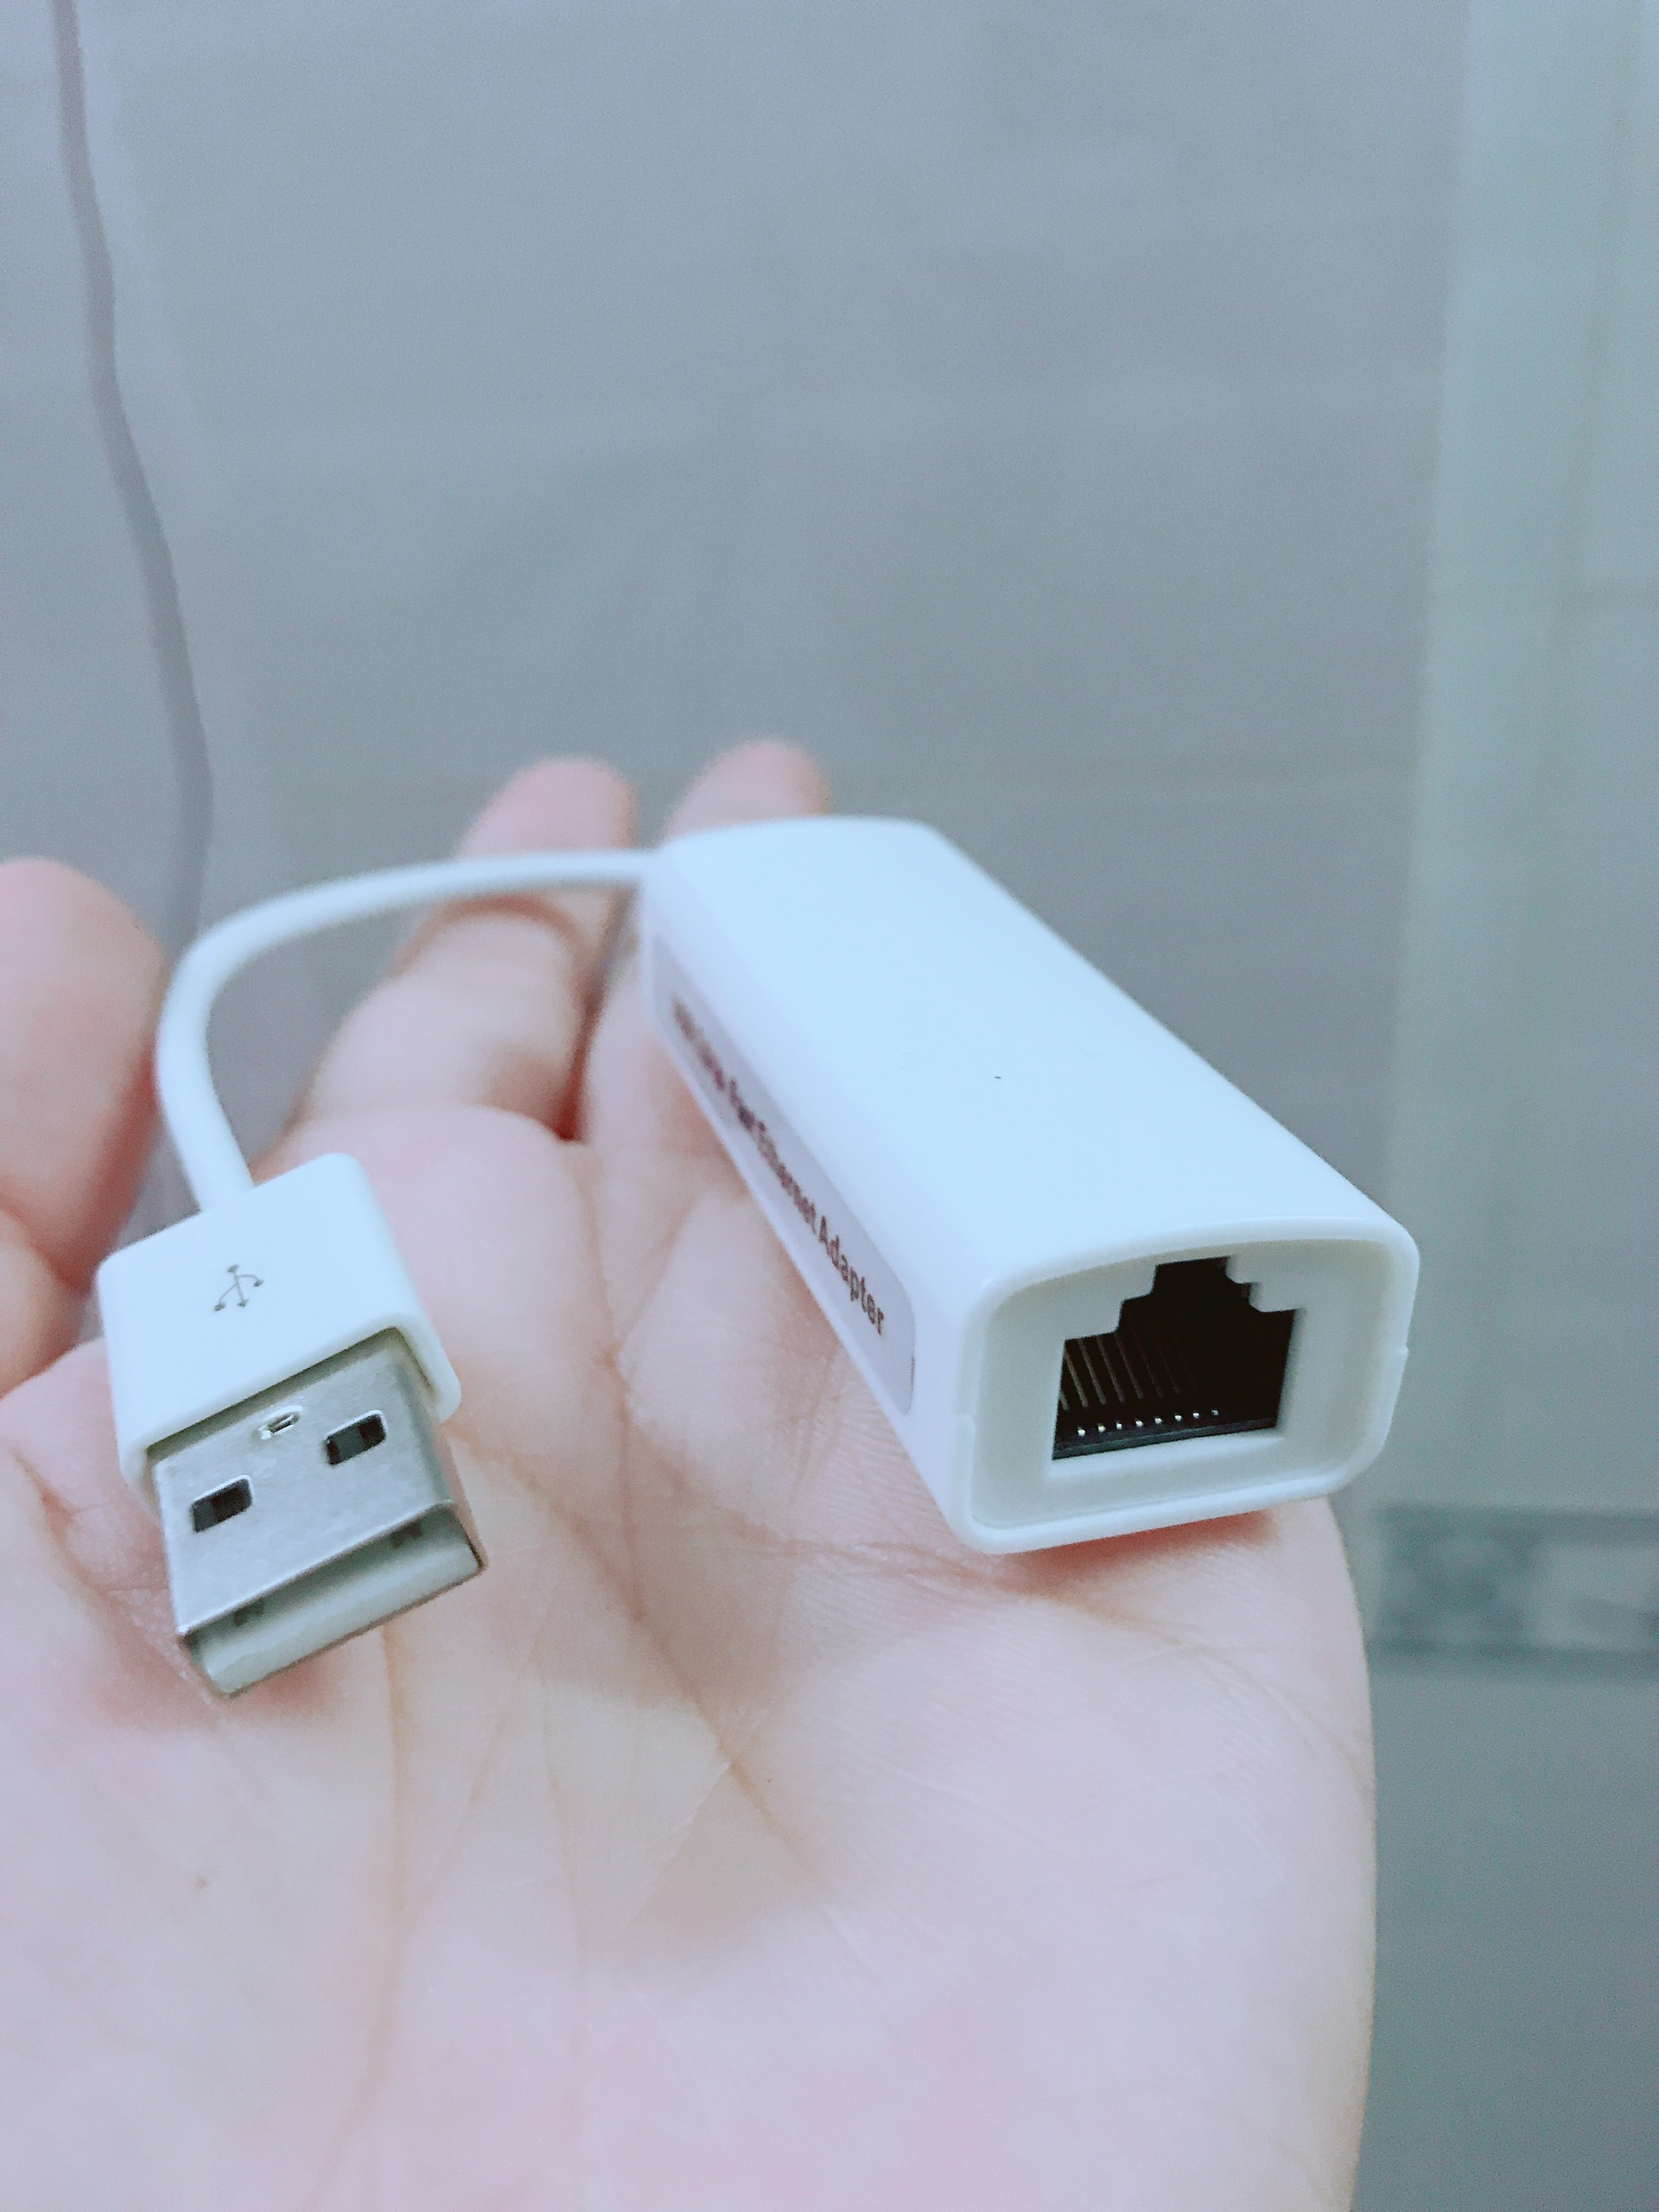 CÁP CHUYỂN USB RA ĐẦU MẠNG LAN 516 KHÔNG KÉN HỆ ĐIỀU HÀNH- HÀNG NHẬP KHẨU